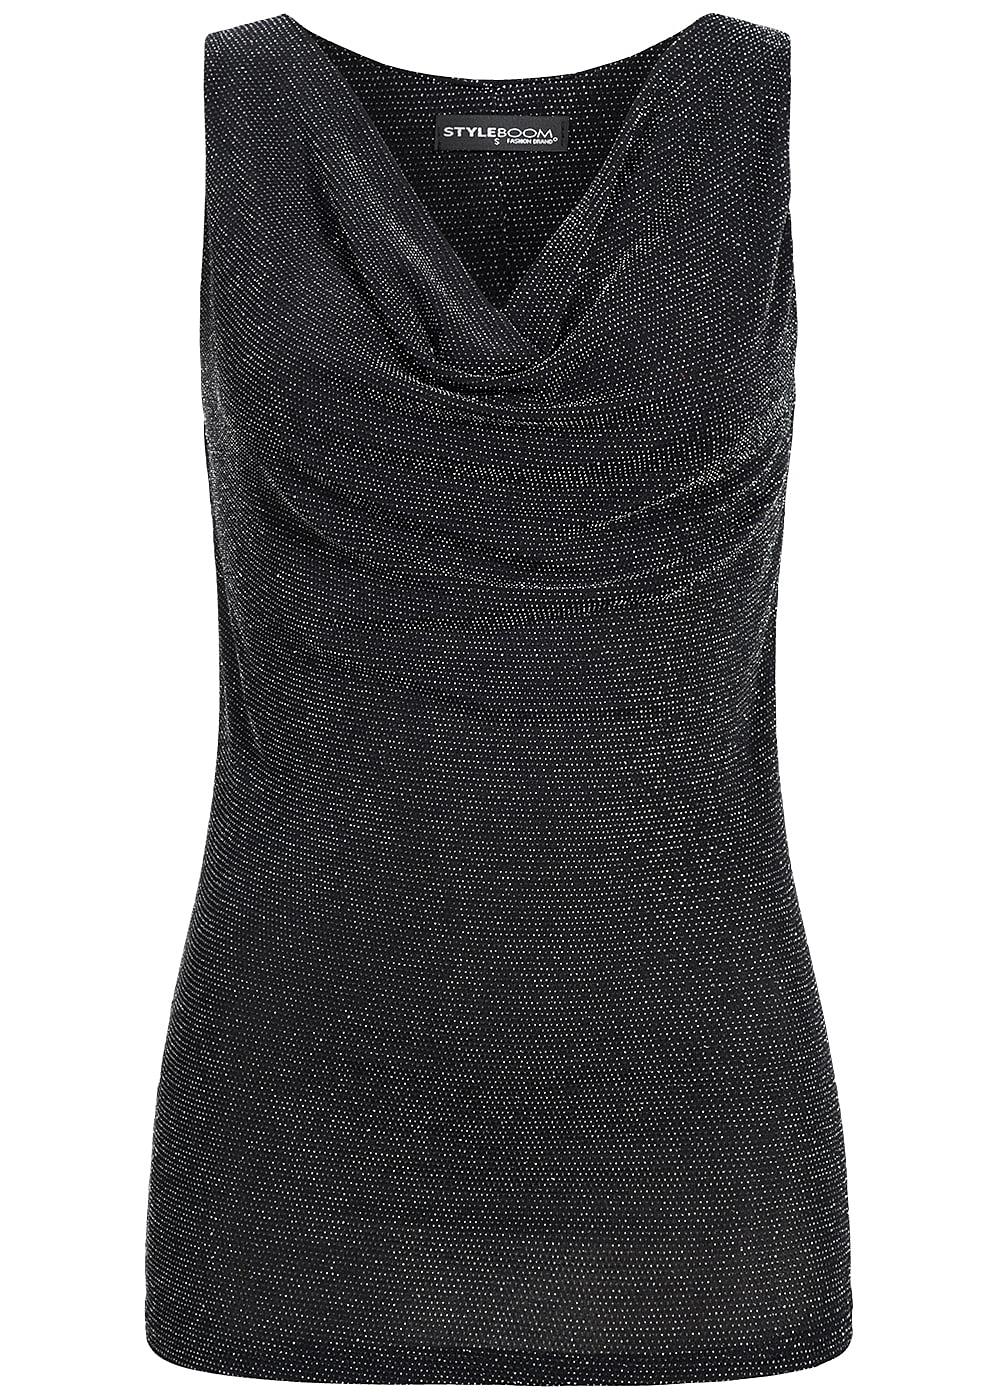 6be040f67853 Styleboom Fashion Damen Tank Top Wasserfall Ausschnitt Glitzer Optik schwarz  silber